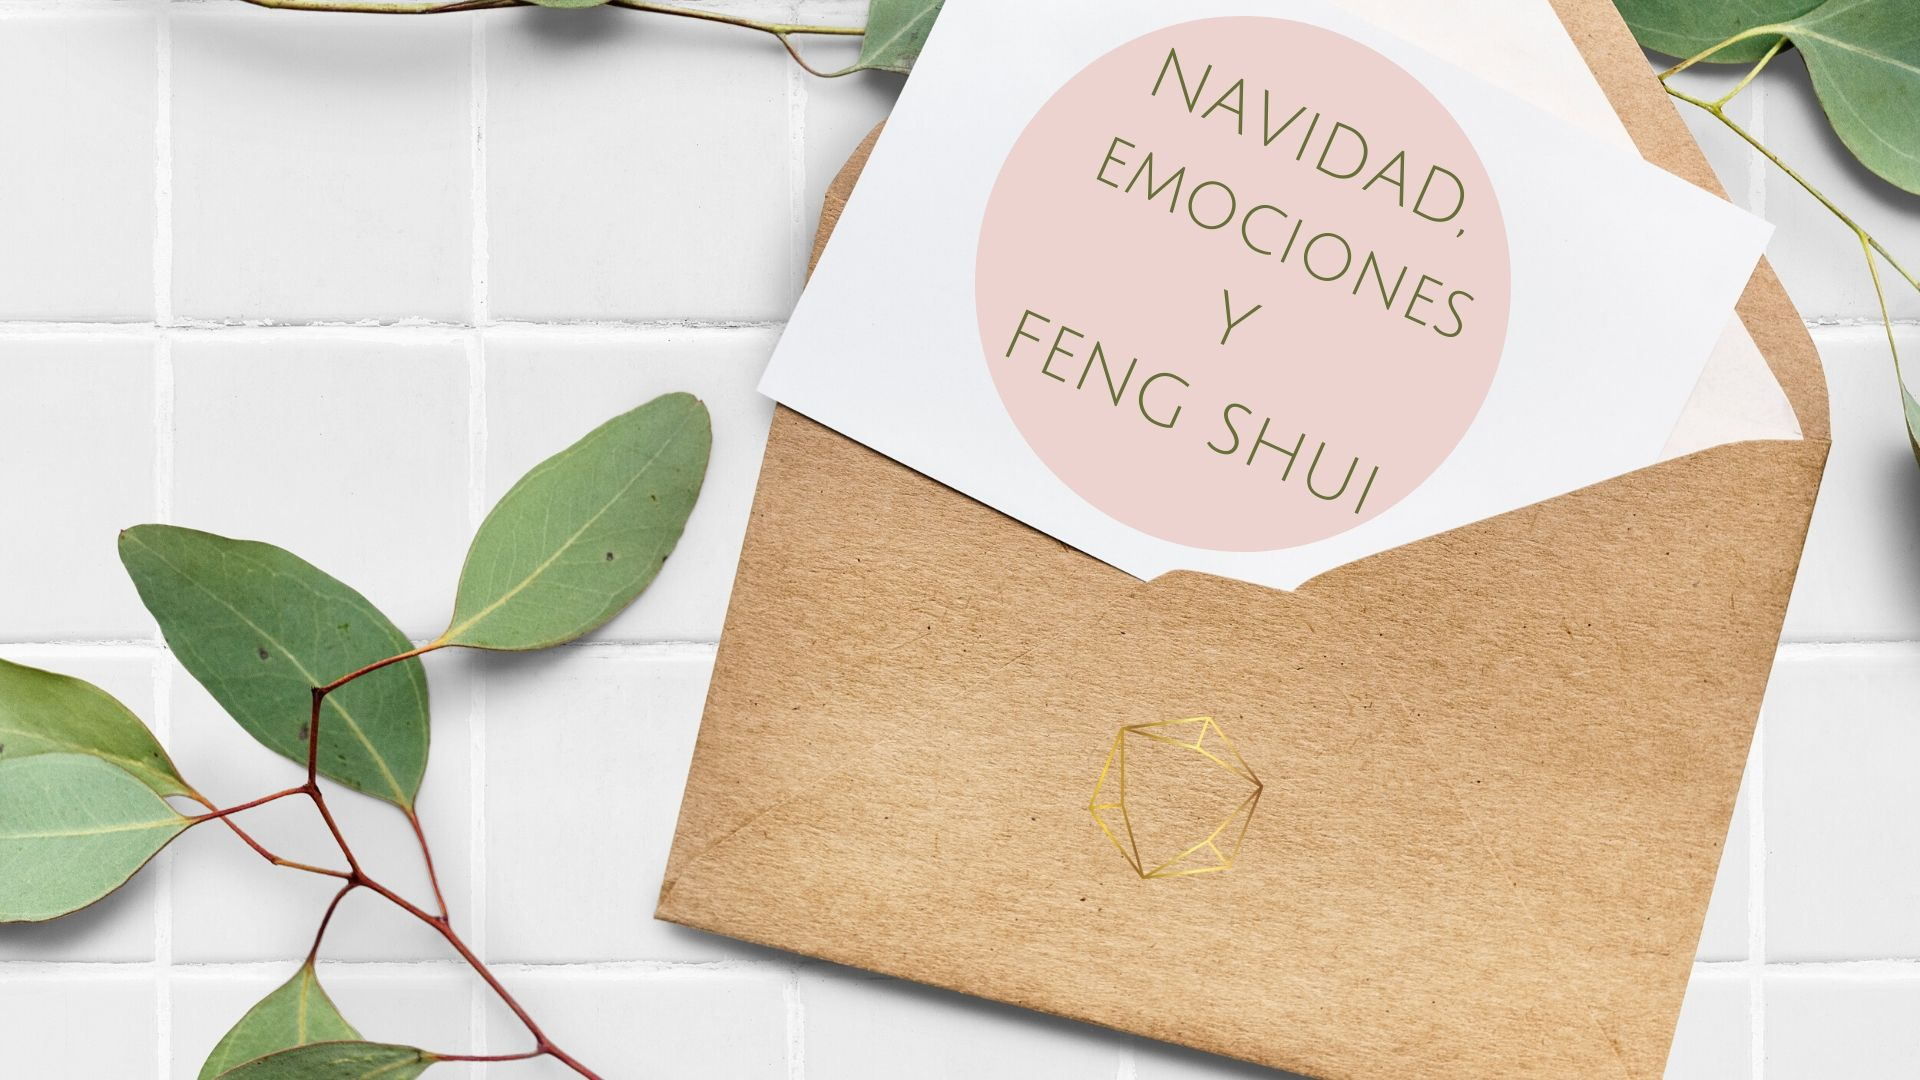 La Navidad, las emociones y el Feng Shui